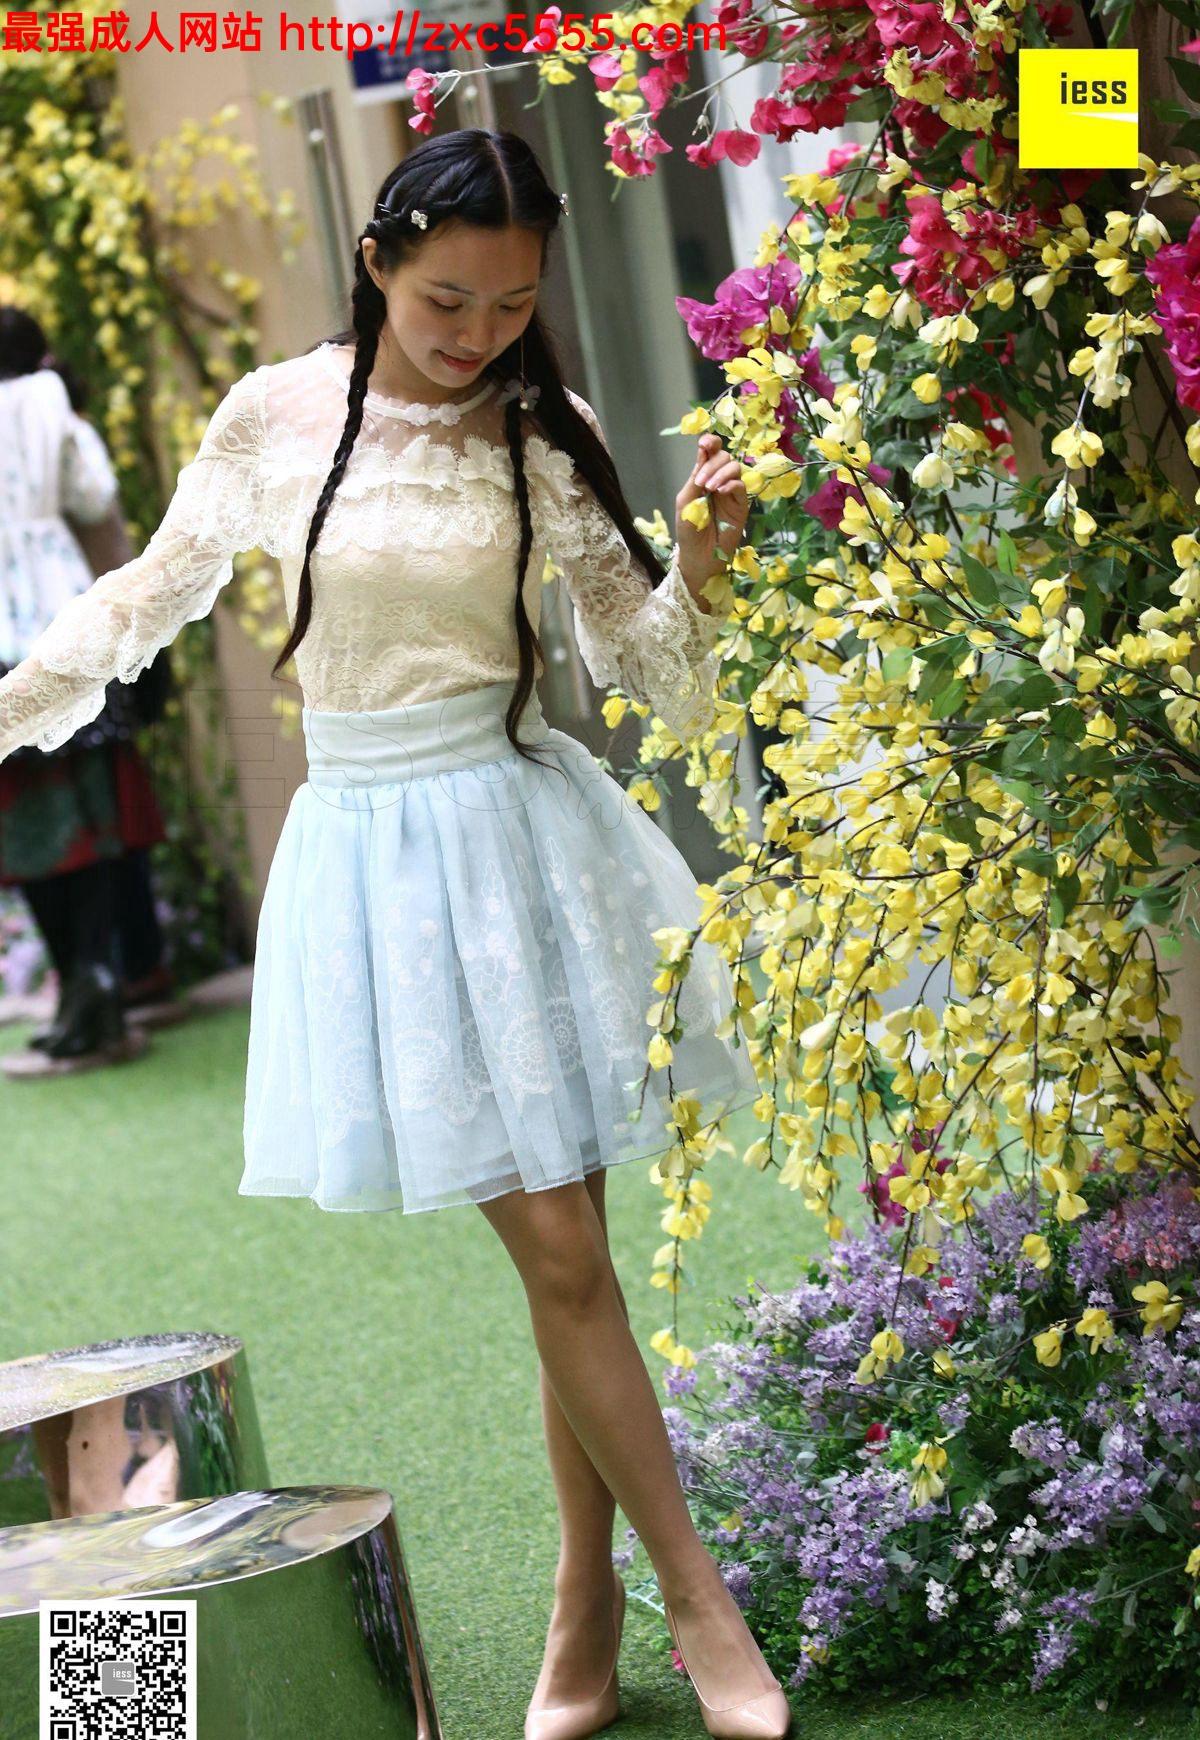 在线 成人AV_妙龄丝袜美腿女孩外拍写真【24P】_丝袜诱惑-一级片-亚洲最大 ...